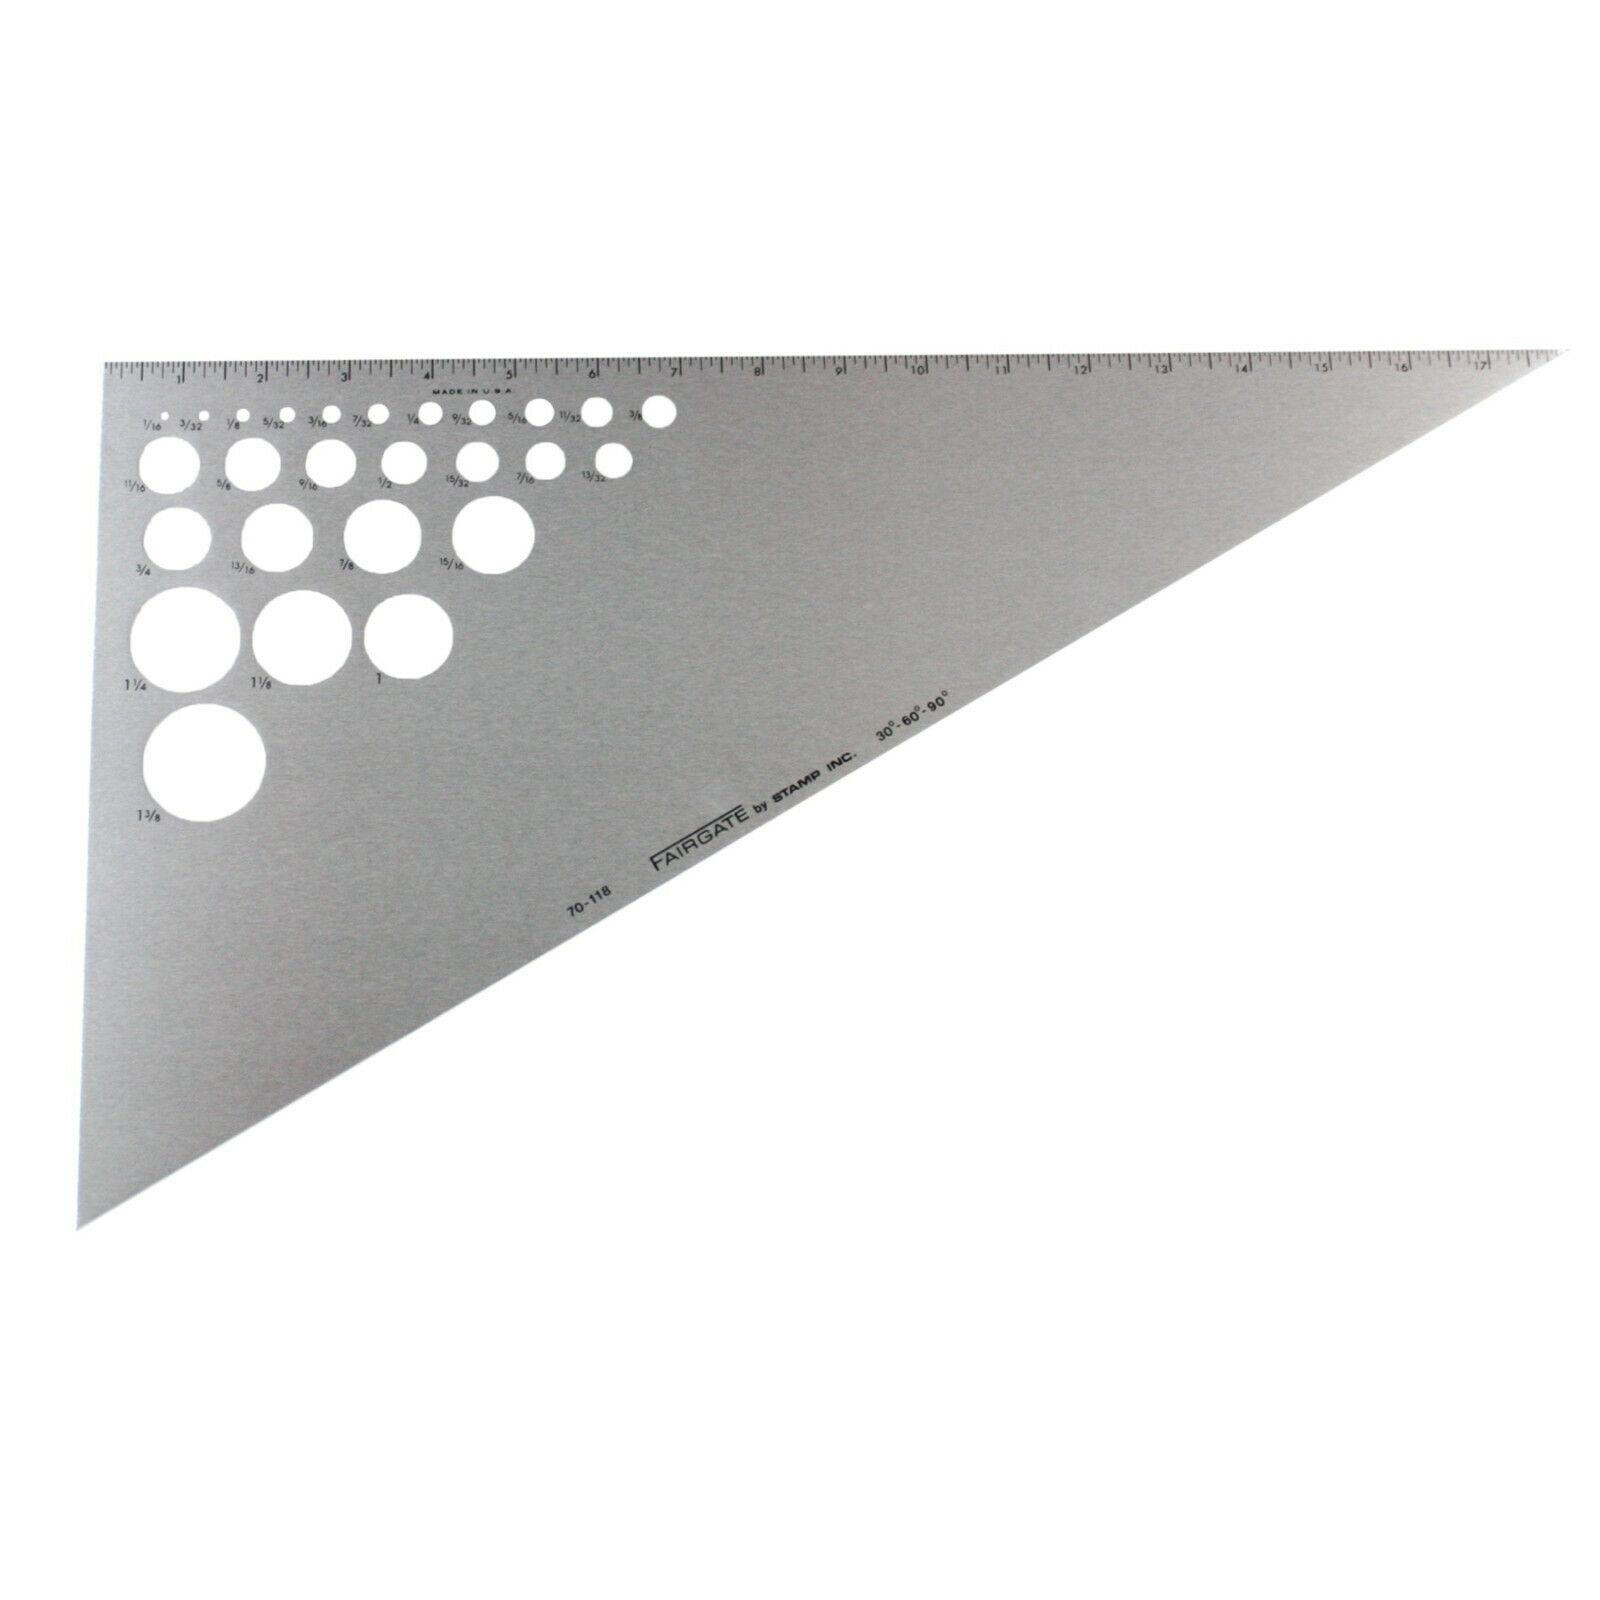 Fairgate 18 30 60 90 Aluminum Triangle Rule With 26